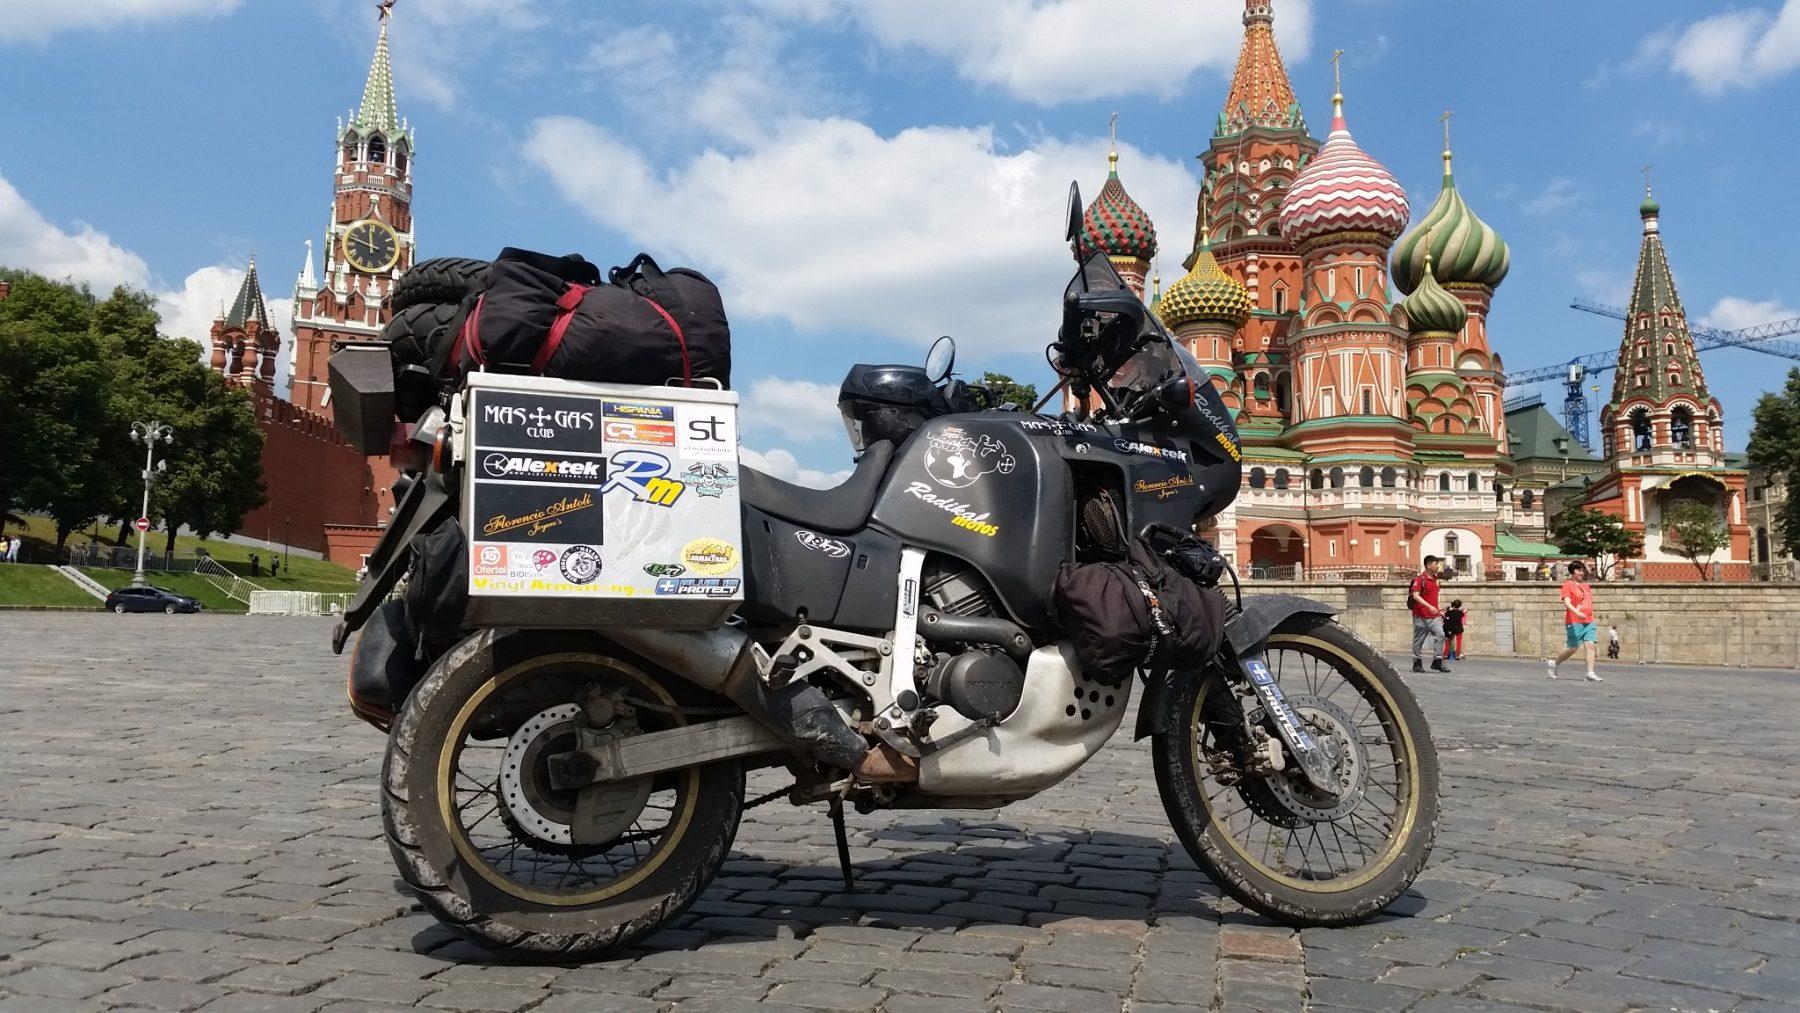 30 De Junio. Entrada Rusia Y MOSCU